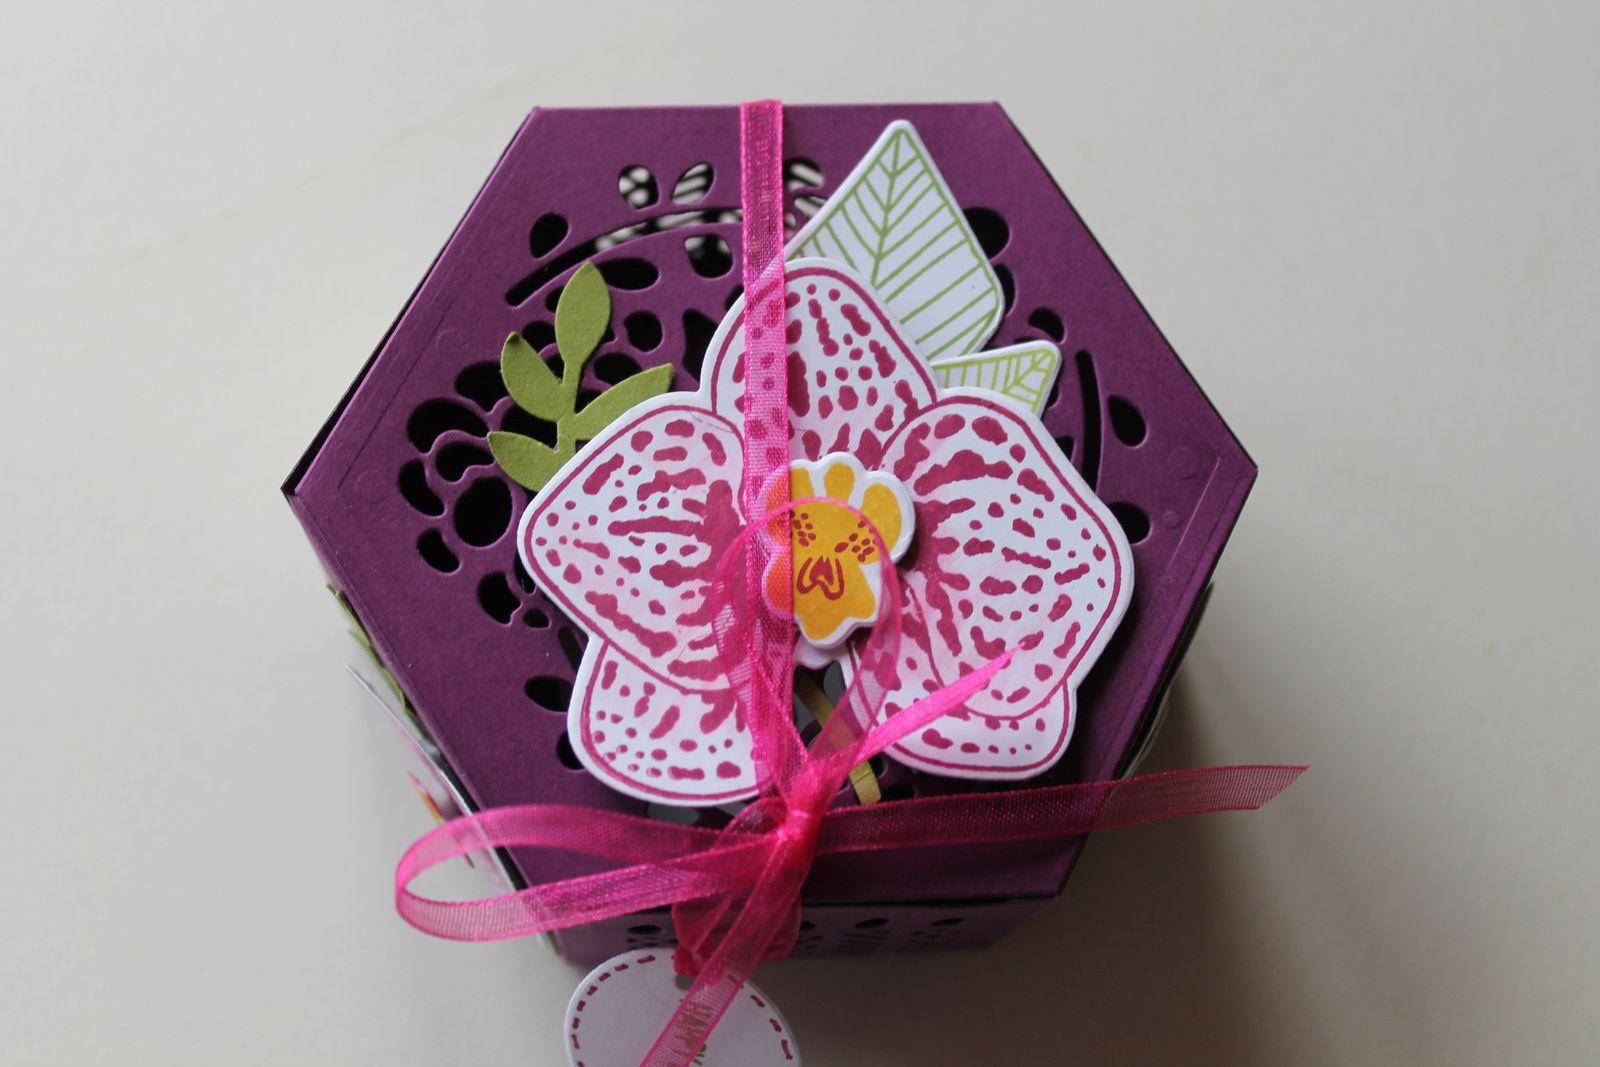 Pétales d'orchidées pour l'anniversaire d' Annette